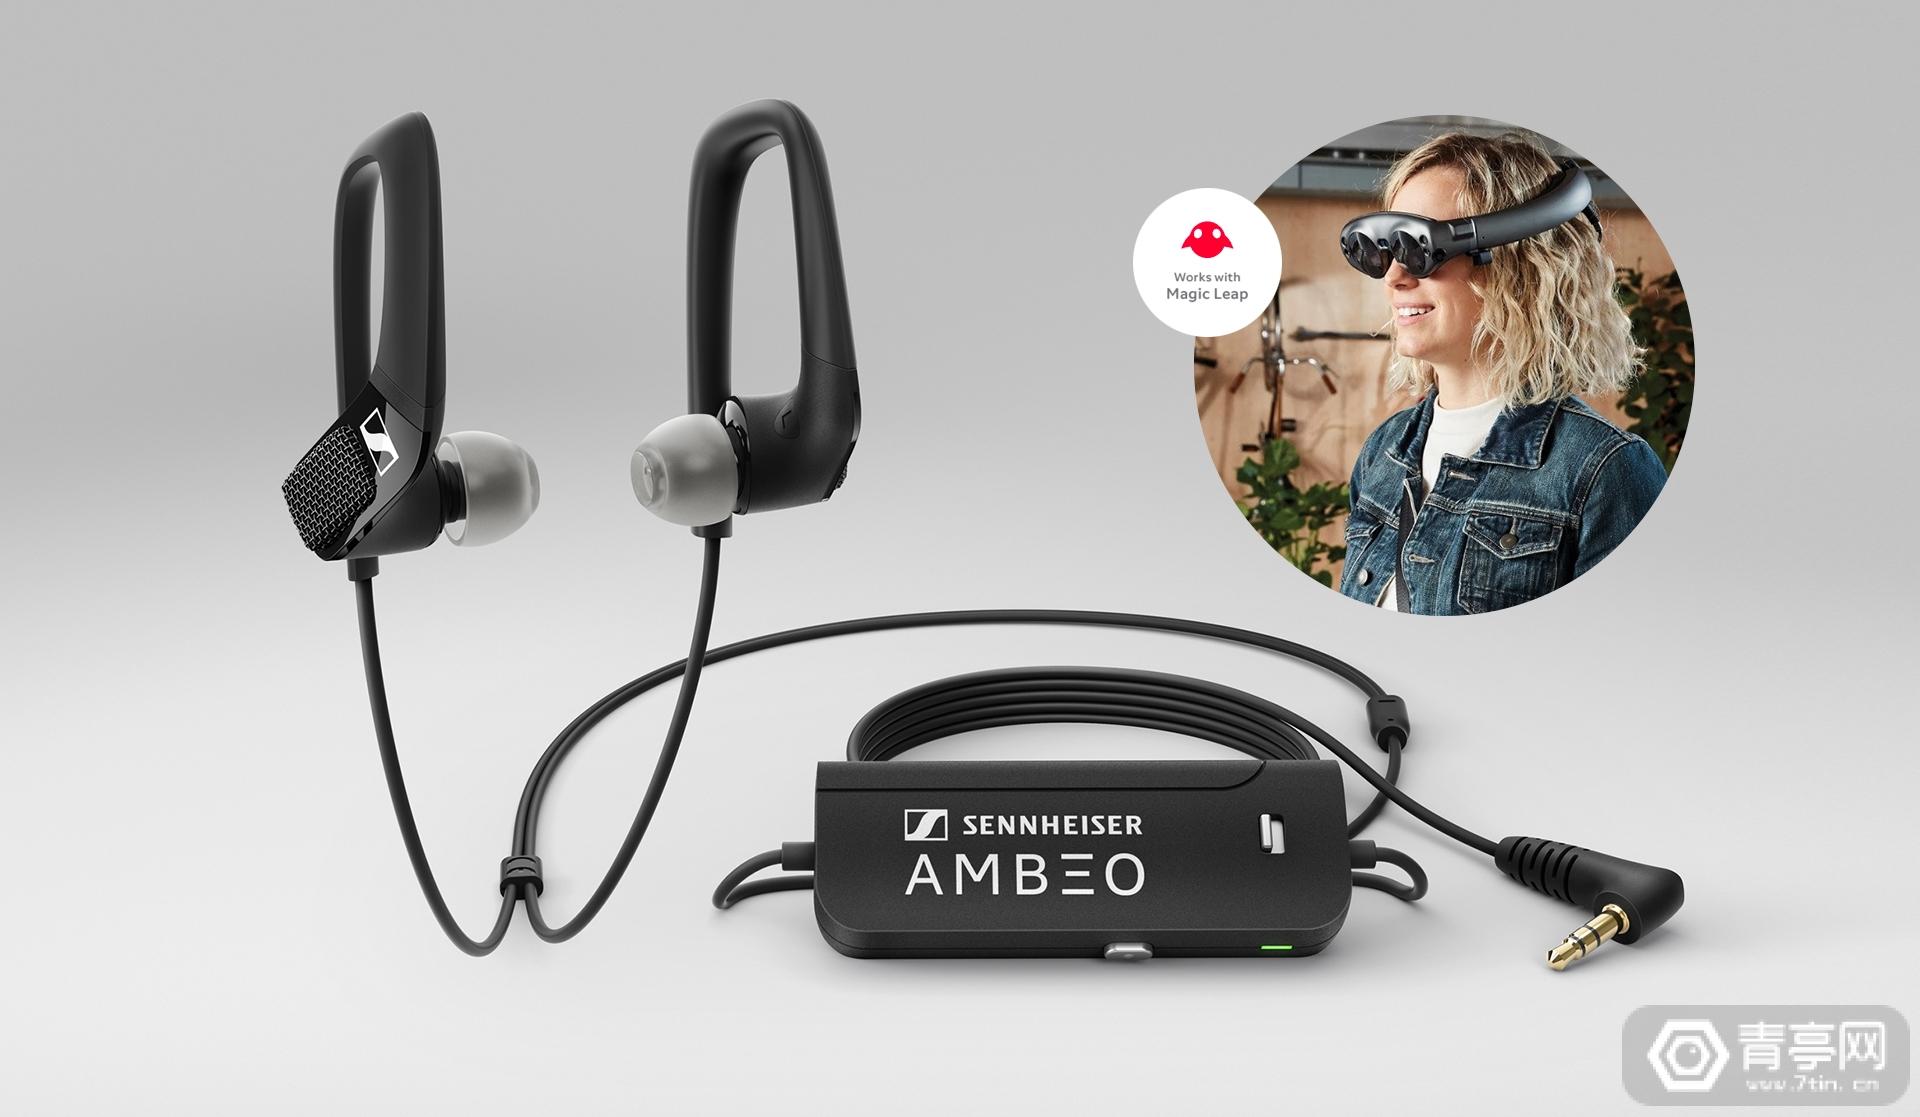 森海塞尔Magic Leap定制版AMBEO AR One耳机发售